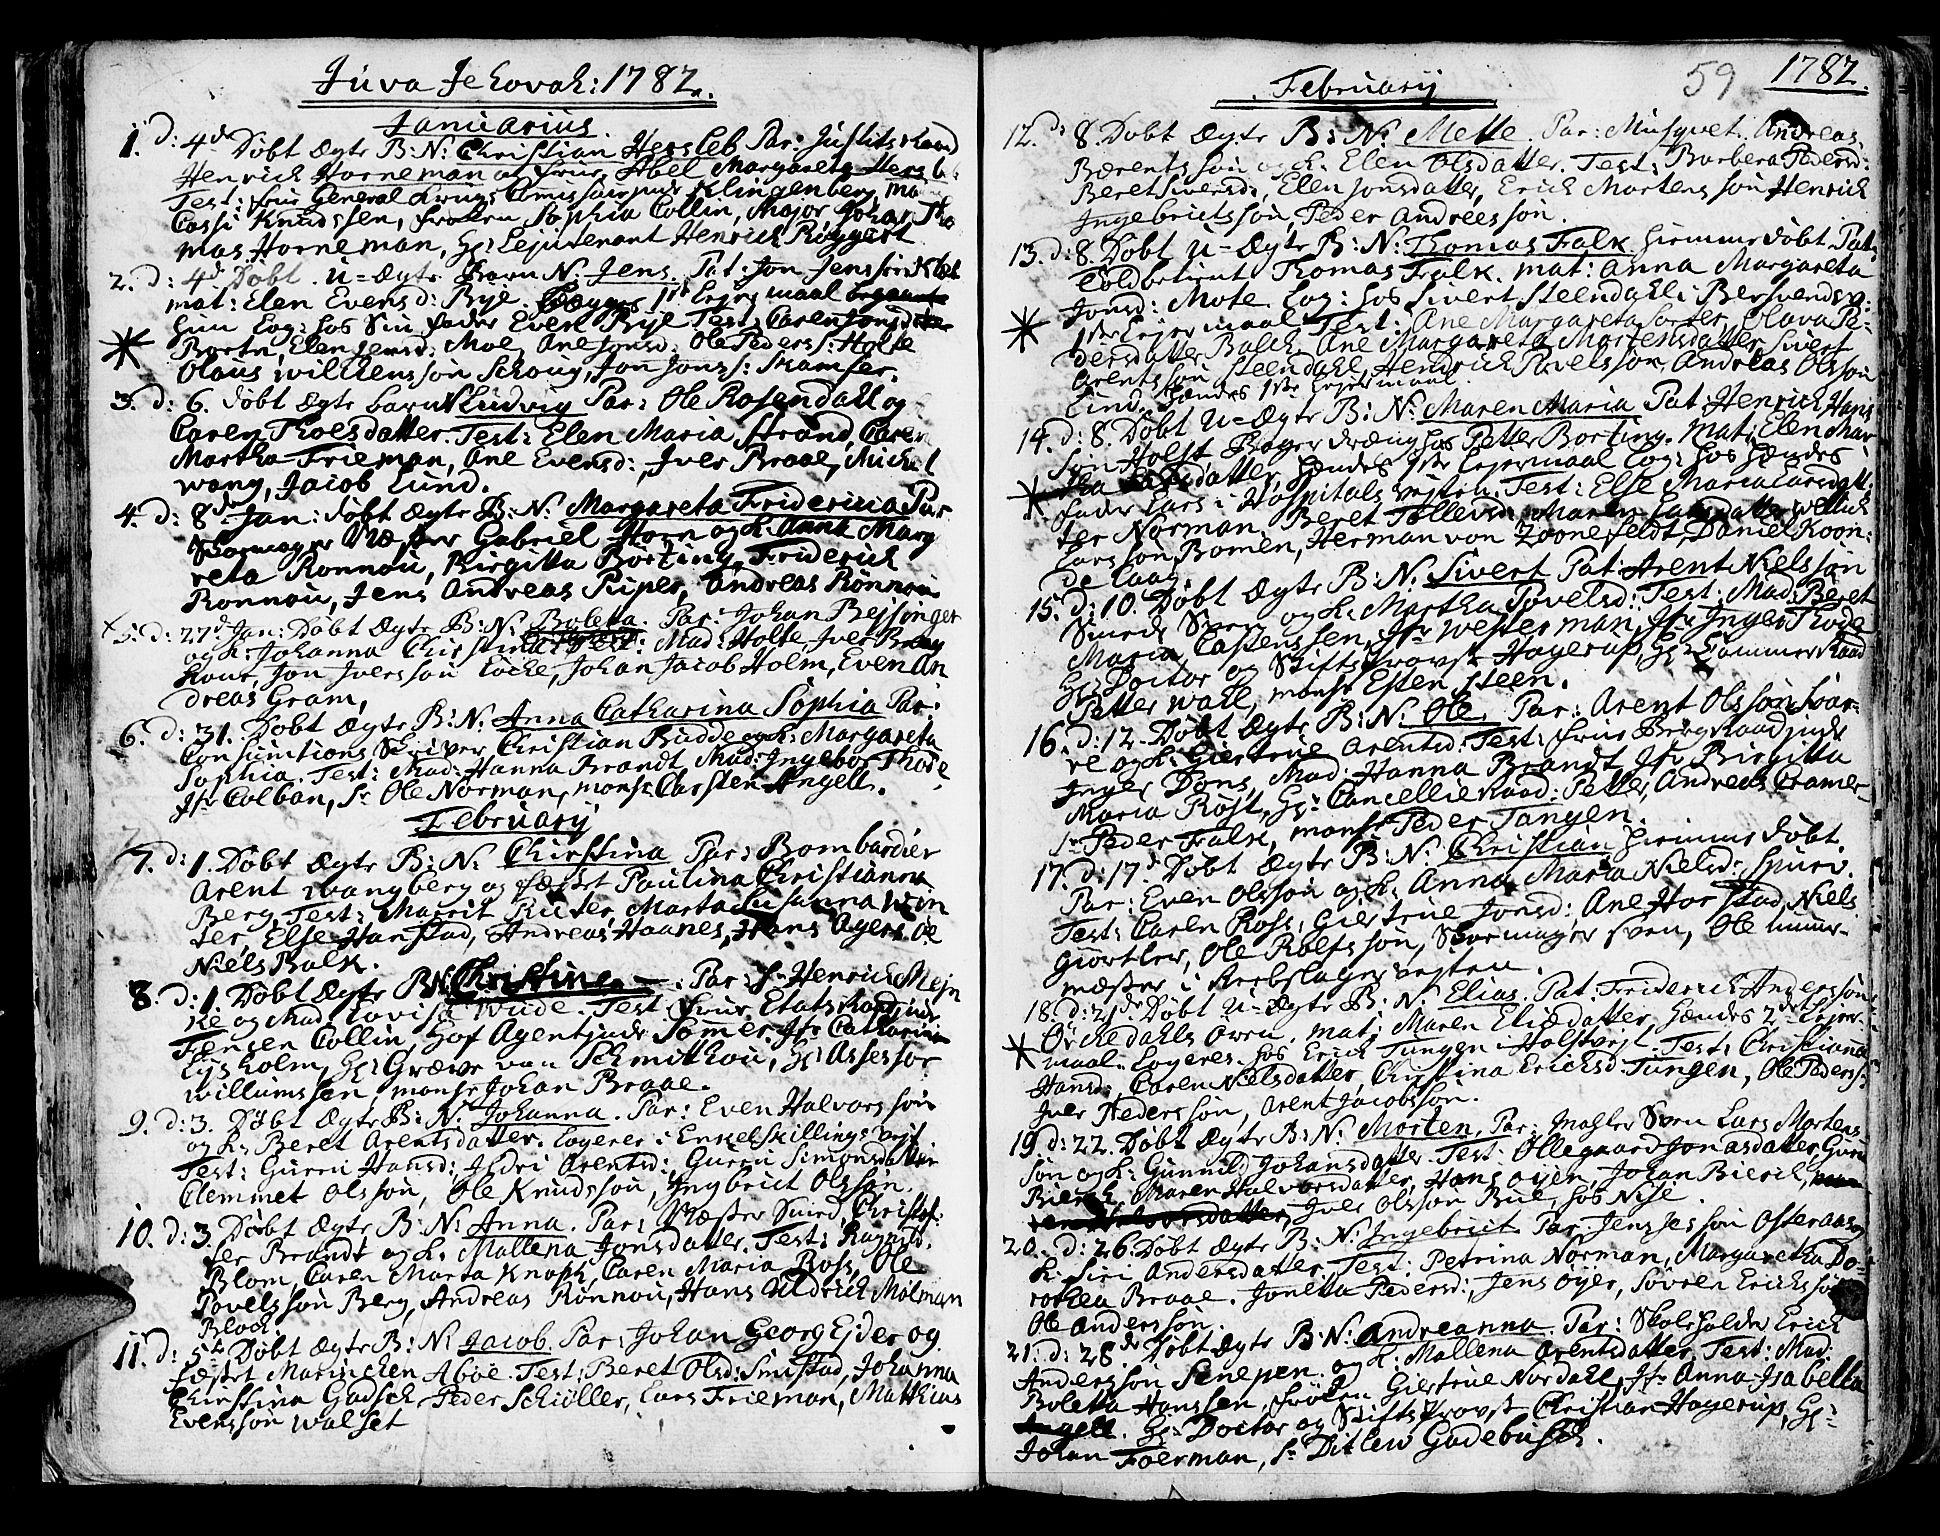 SAT, Ministerialprotokoller, klokkerbøker og fødselsregistre - Sør-Trøndelag, 601/L0039: Ministerialbok nr. 601A07, 1770-1819, s. 59